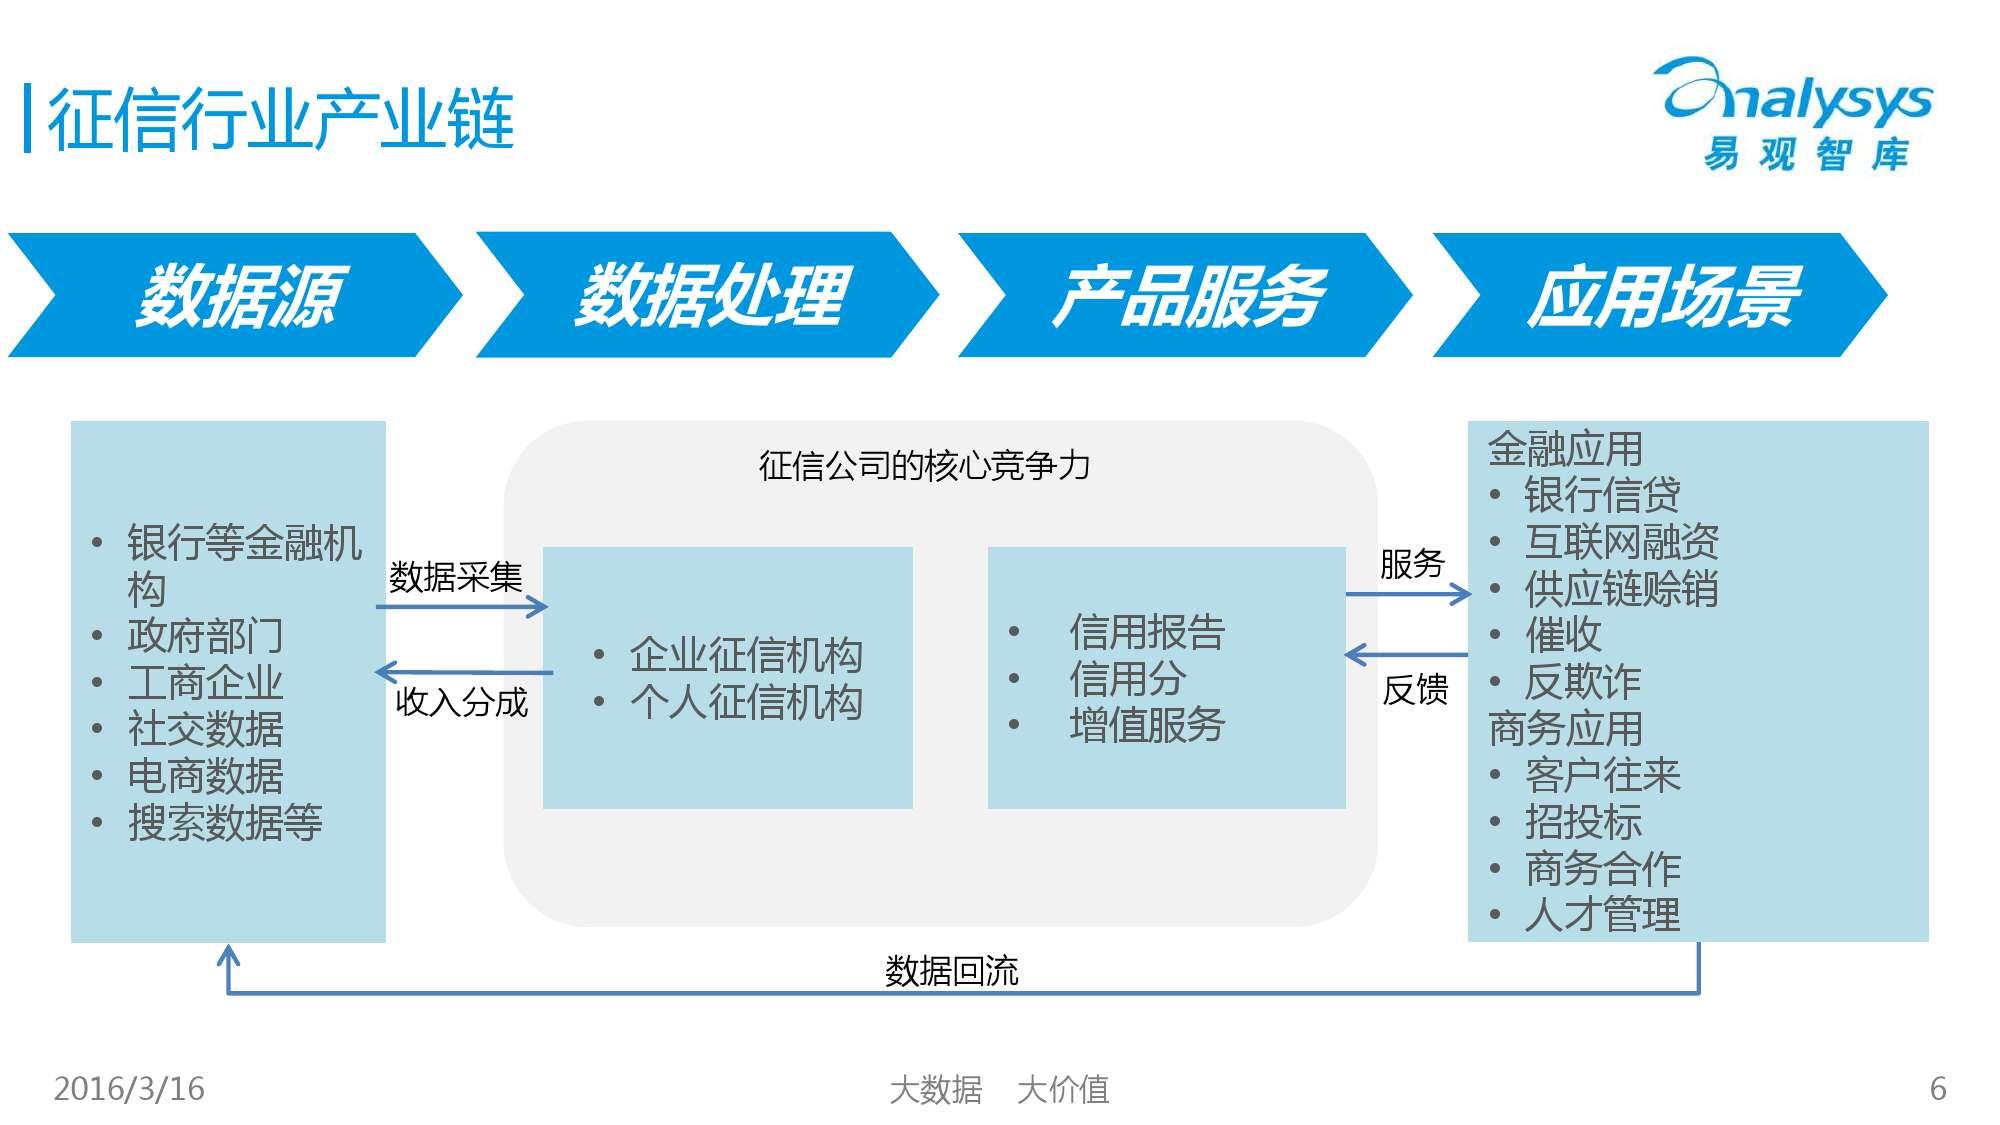 中国征信行业专题研究报告2016_000006